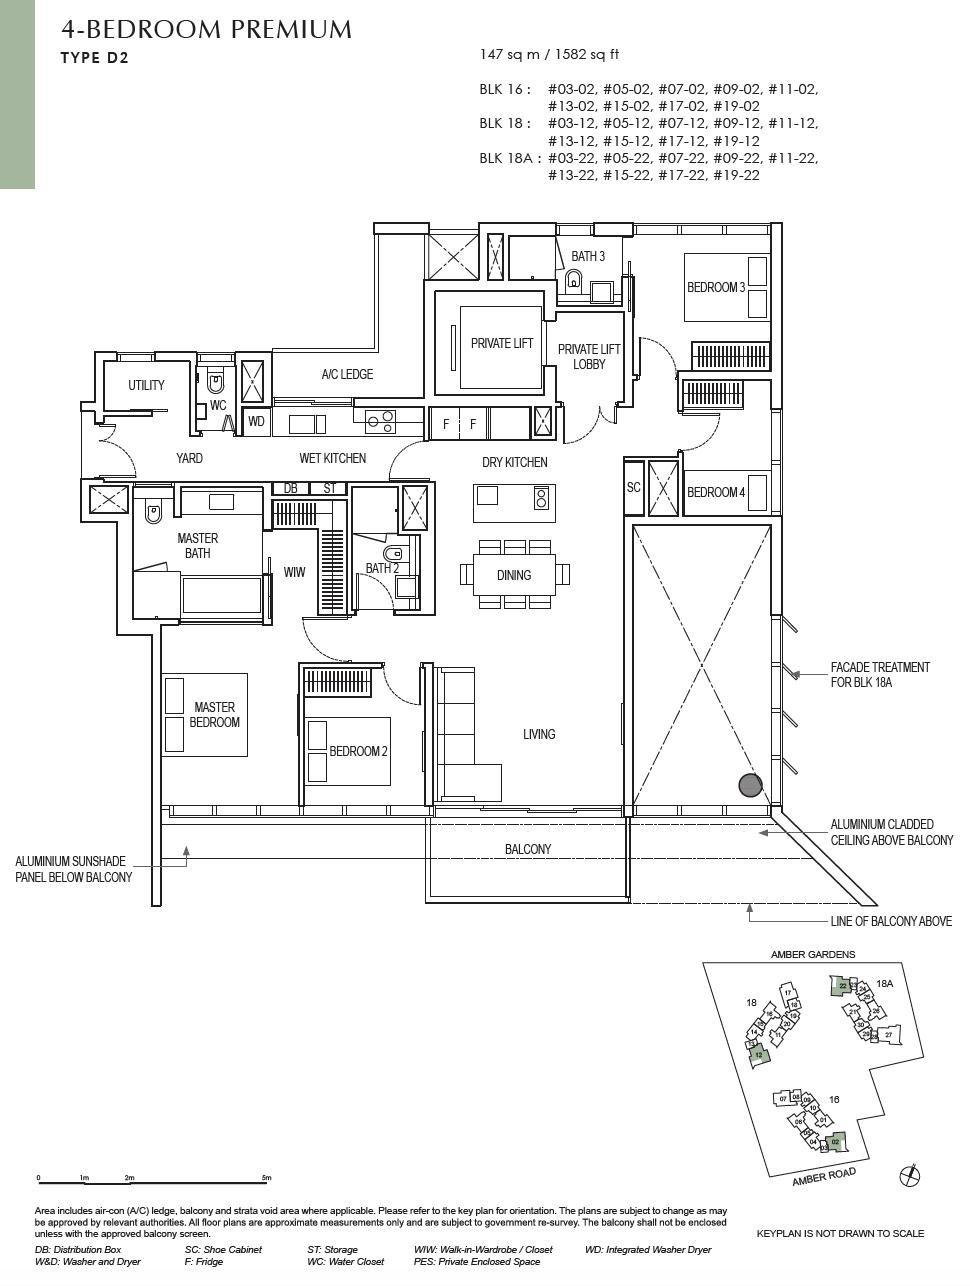 Amber-Park-4-bedroom-premium-floor-plan